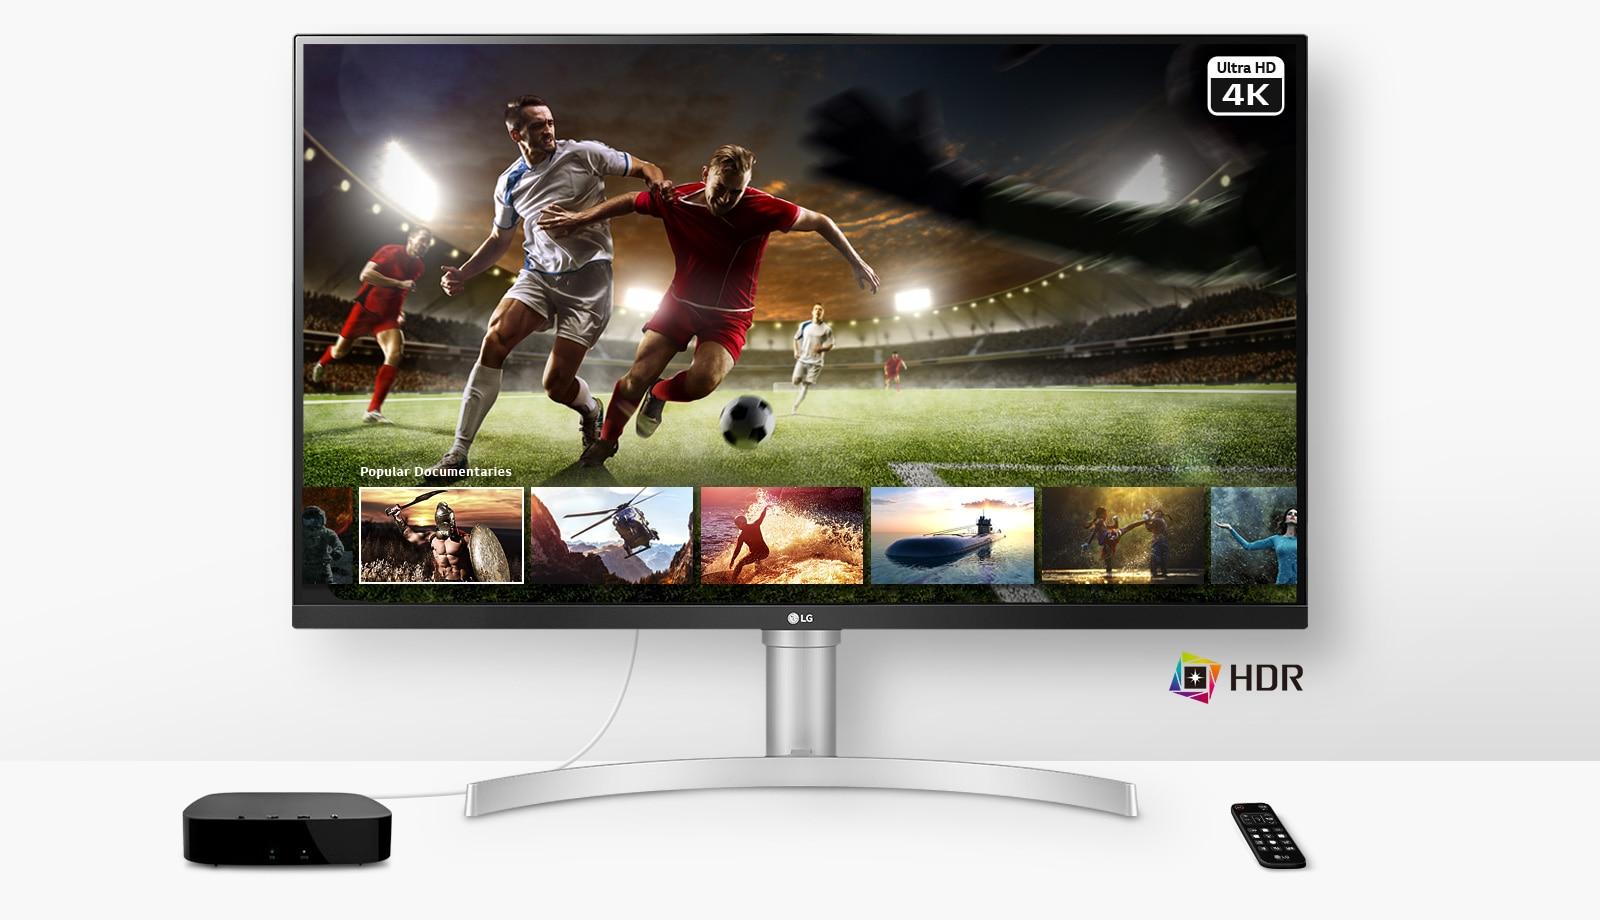 Просмотр футбольного матча в прямом эфире в Ultra HD 4K HDR из потокового сервиса